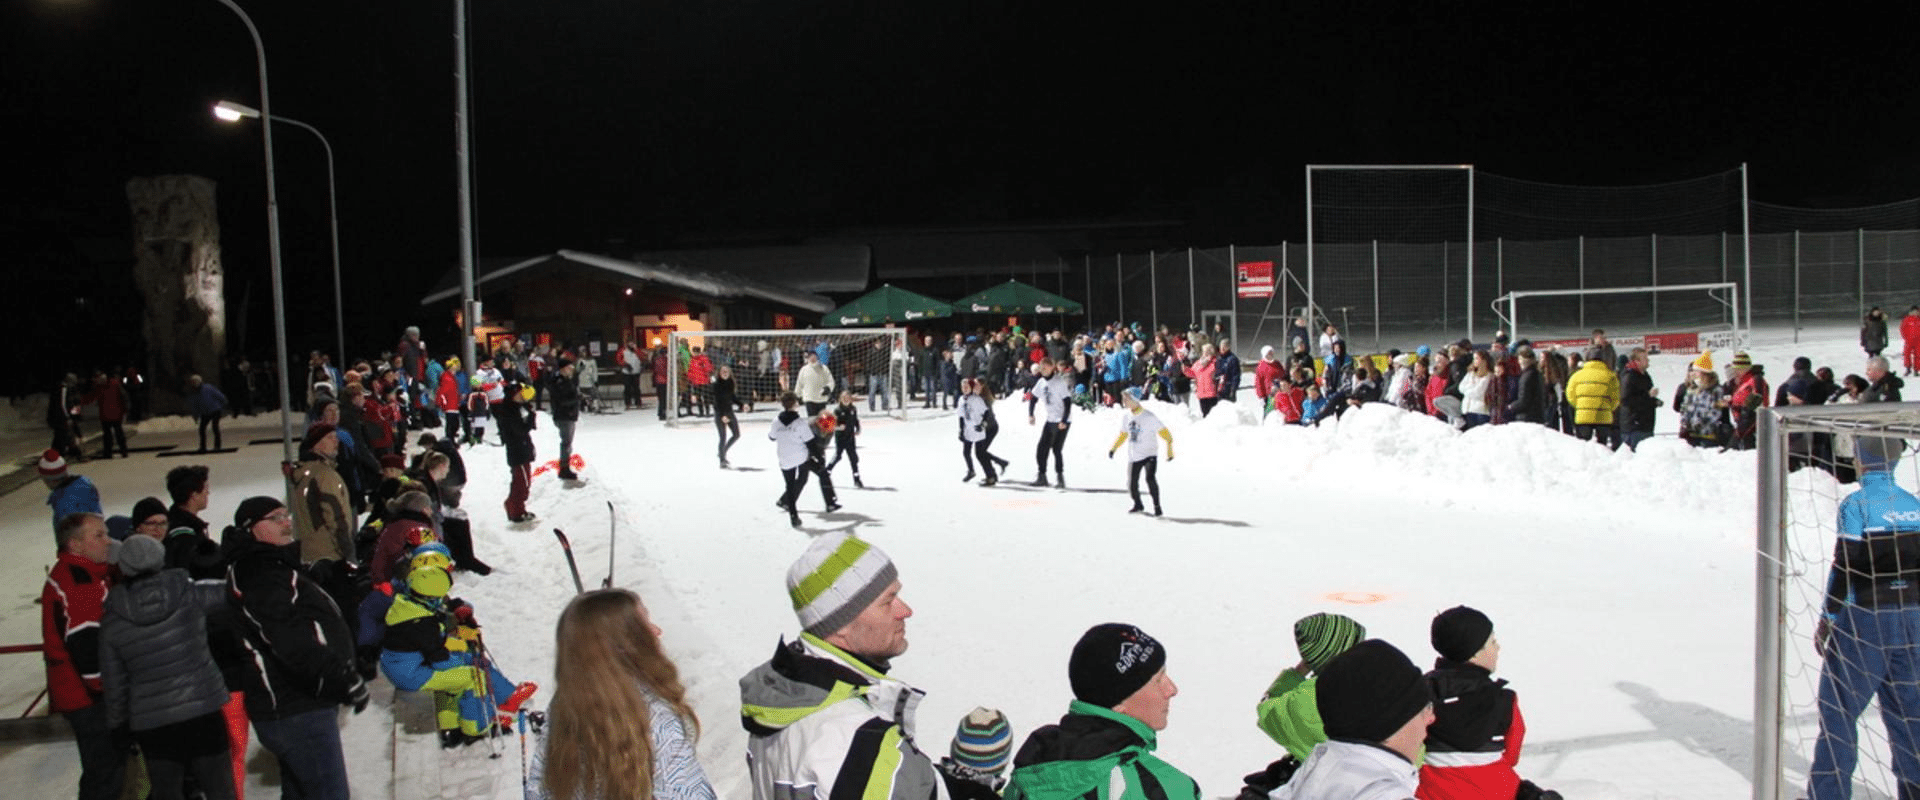 Schneefußball beim Winterfest